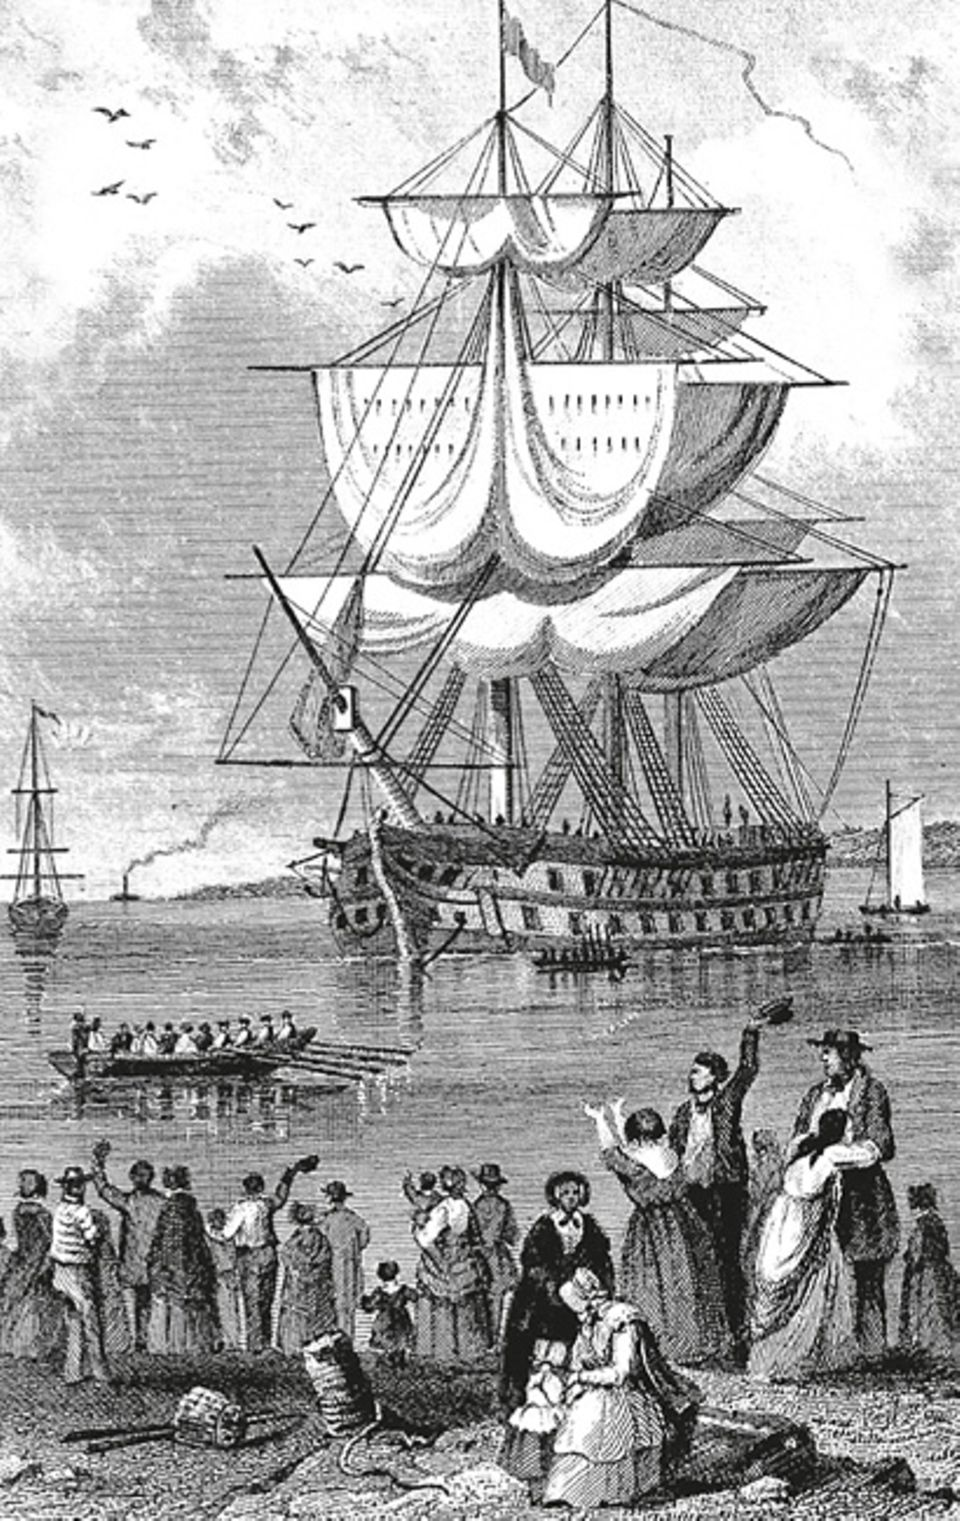 Das Britische Empire: Mehr als 800 britische Gefangenen- schiffe laufen Australien an, etwa 160.000 Menschen werden verbannt